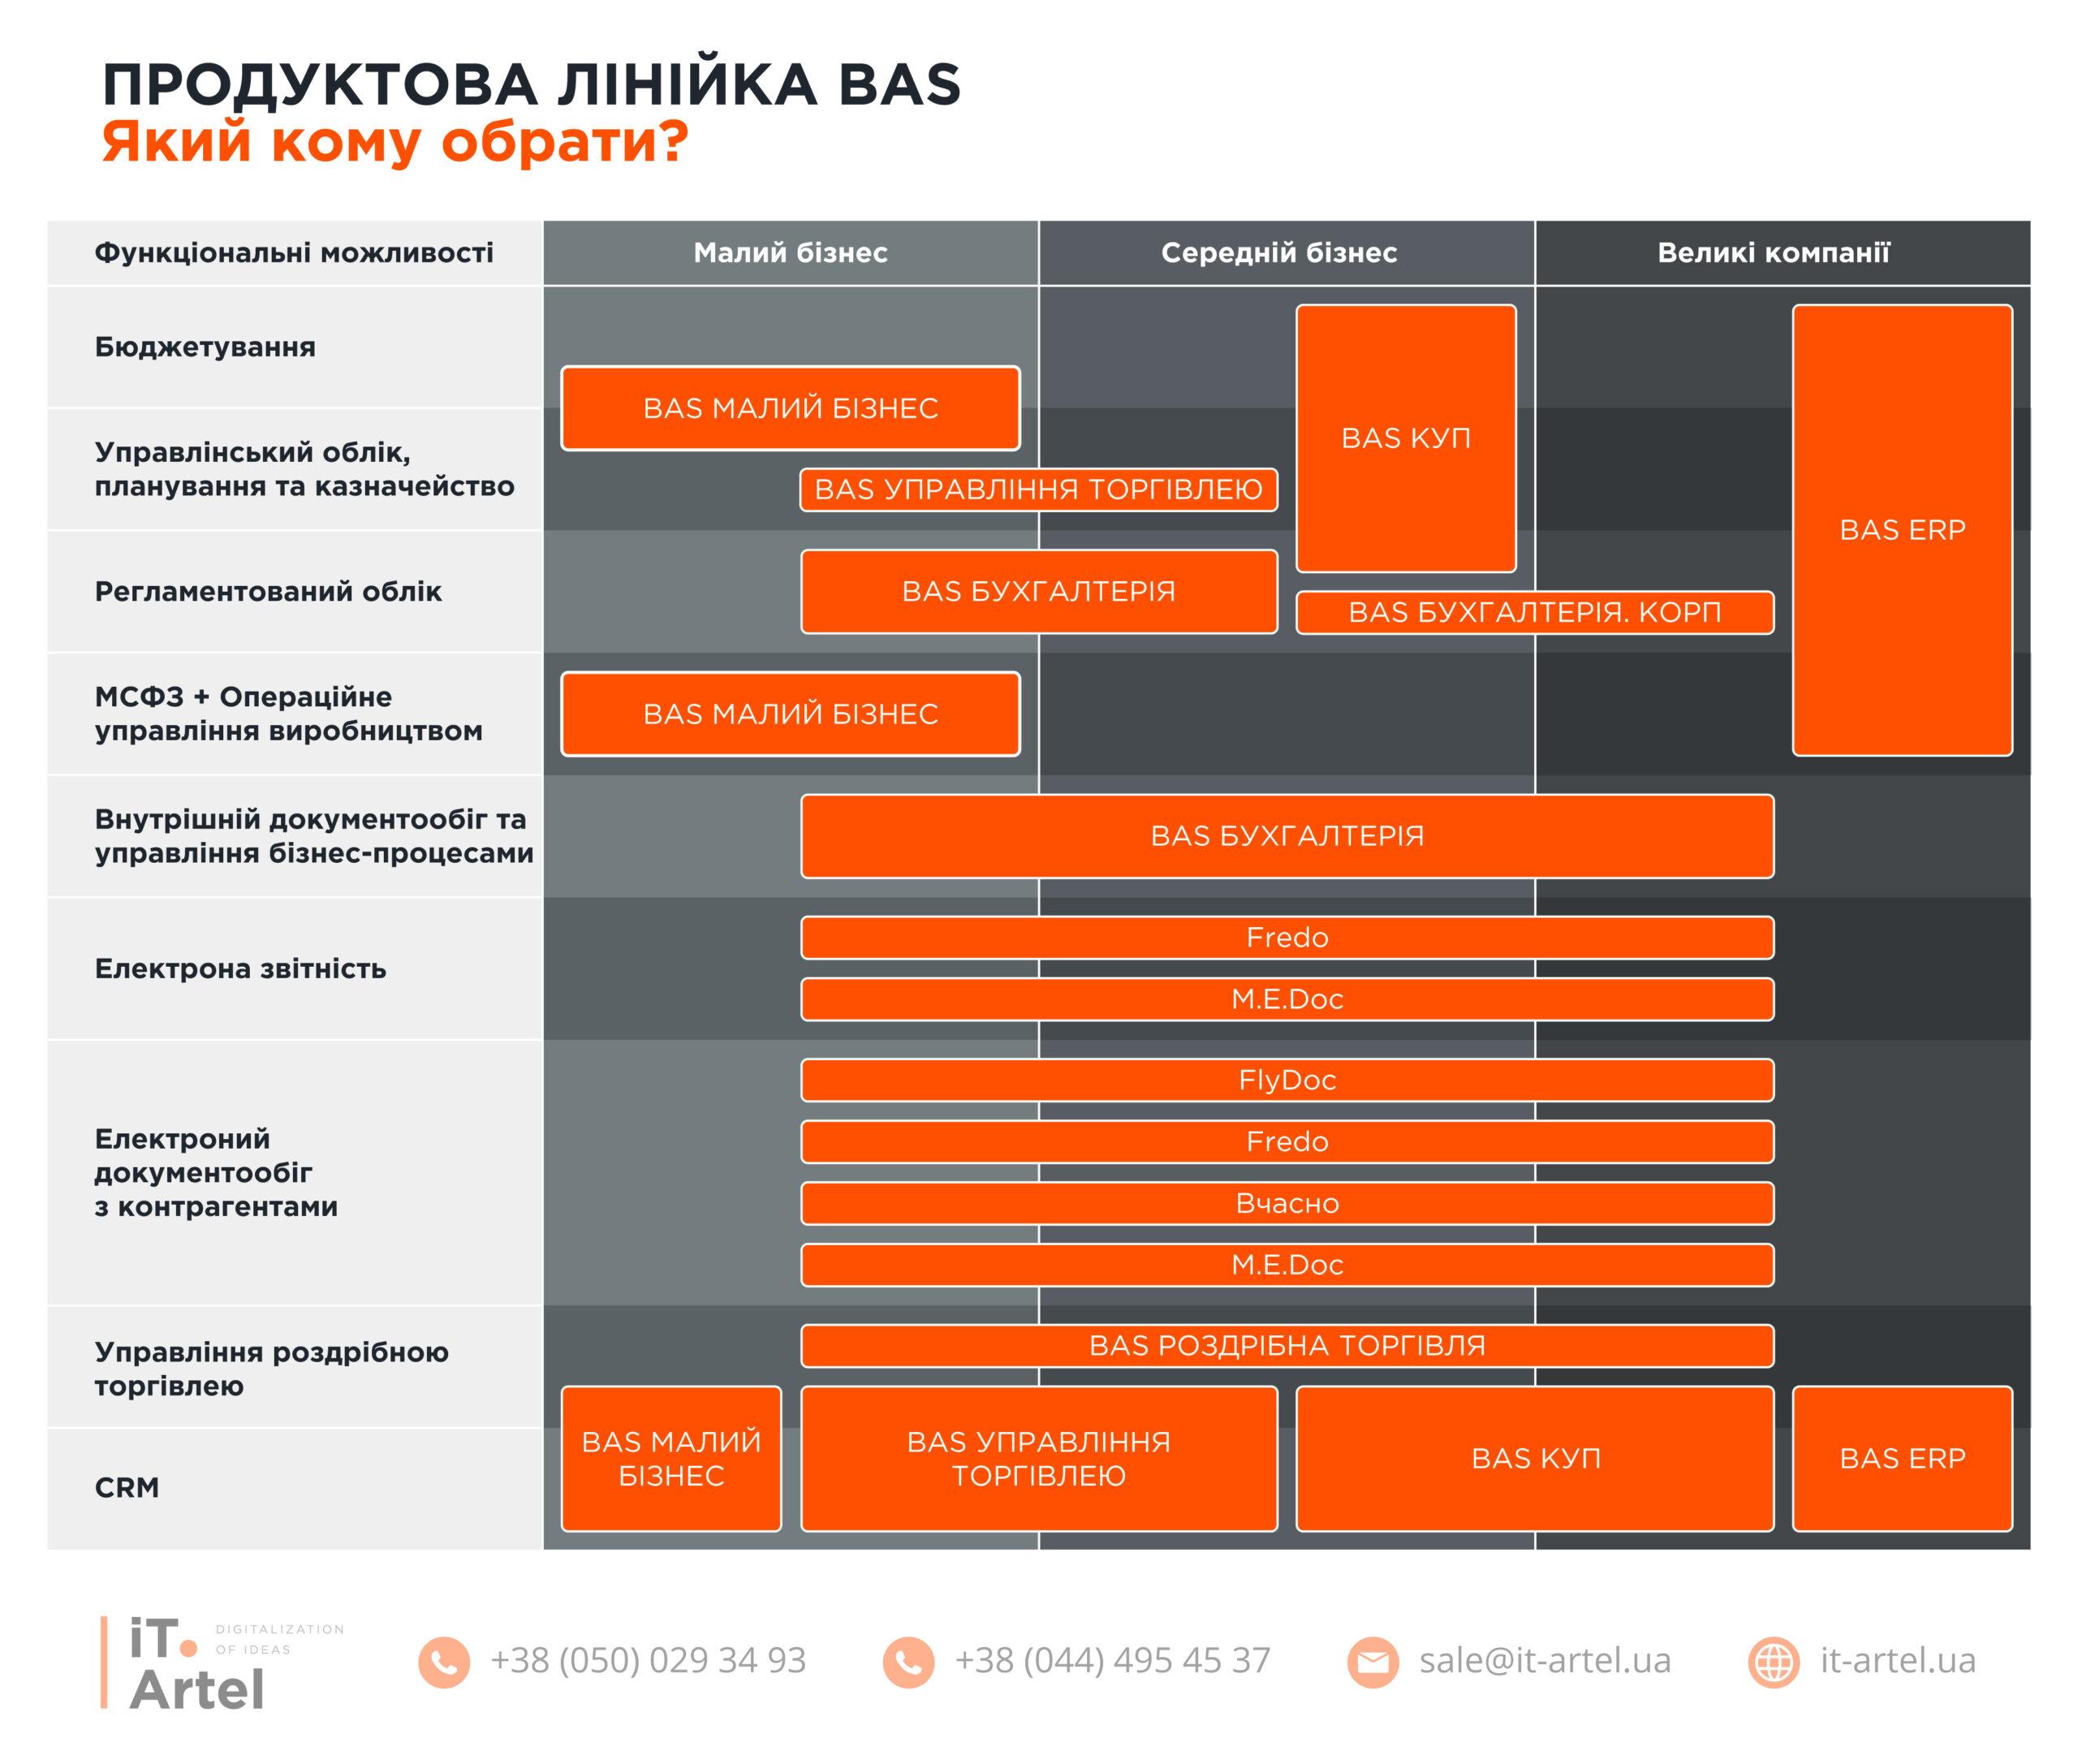 Кому який програмний продукт обрати? Порівняльна таблиця від iT.Artel для малого, середнього та великого бізнесу